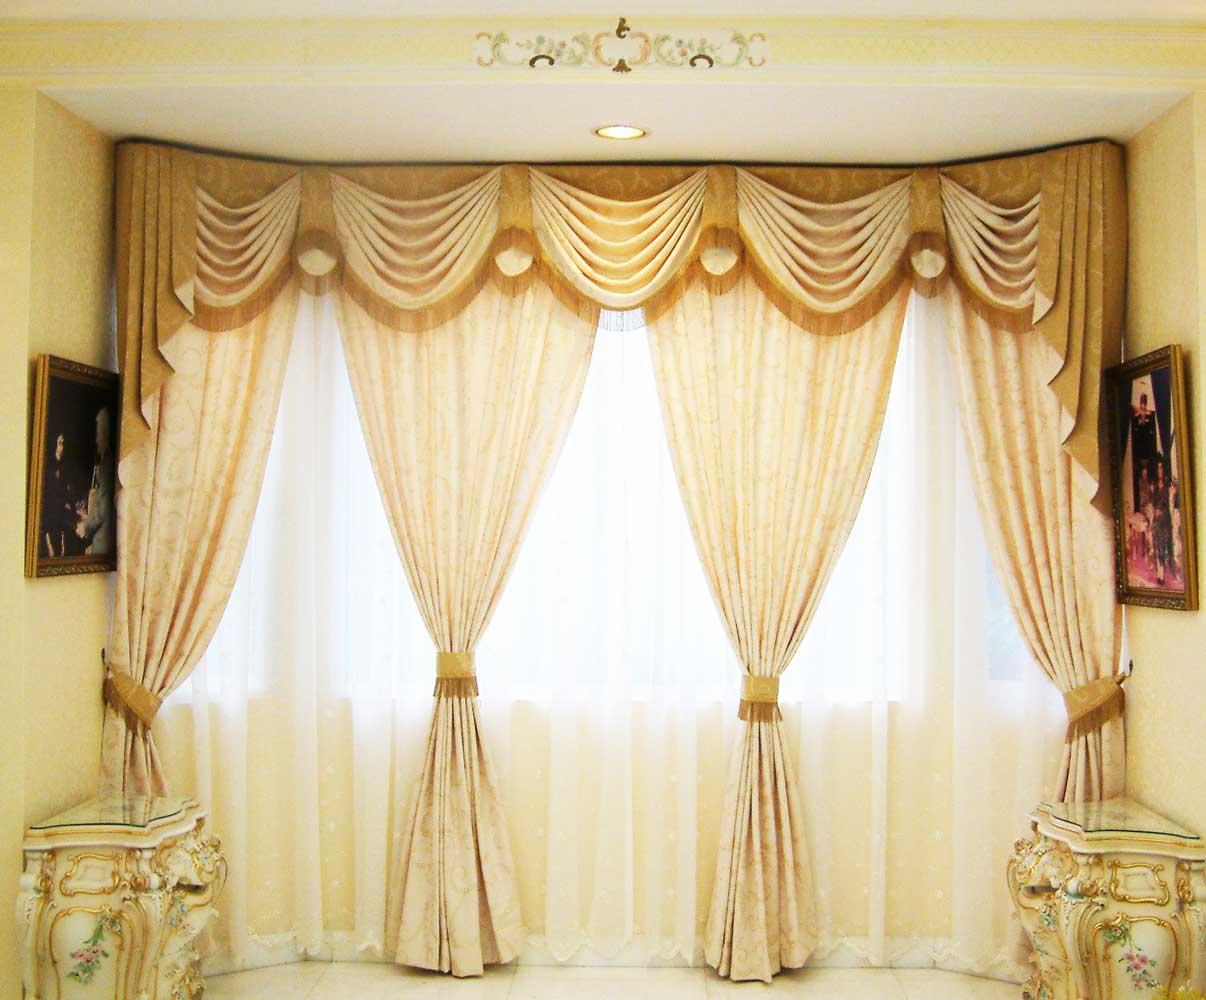 Yana Decor Curtain March 2013